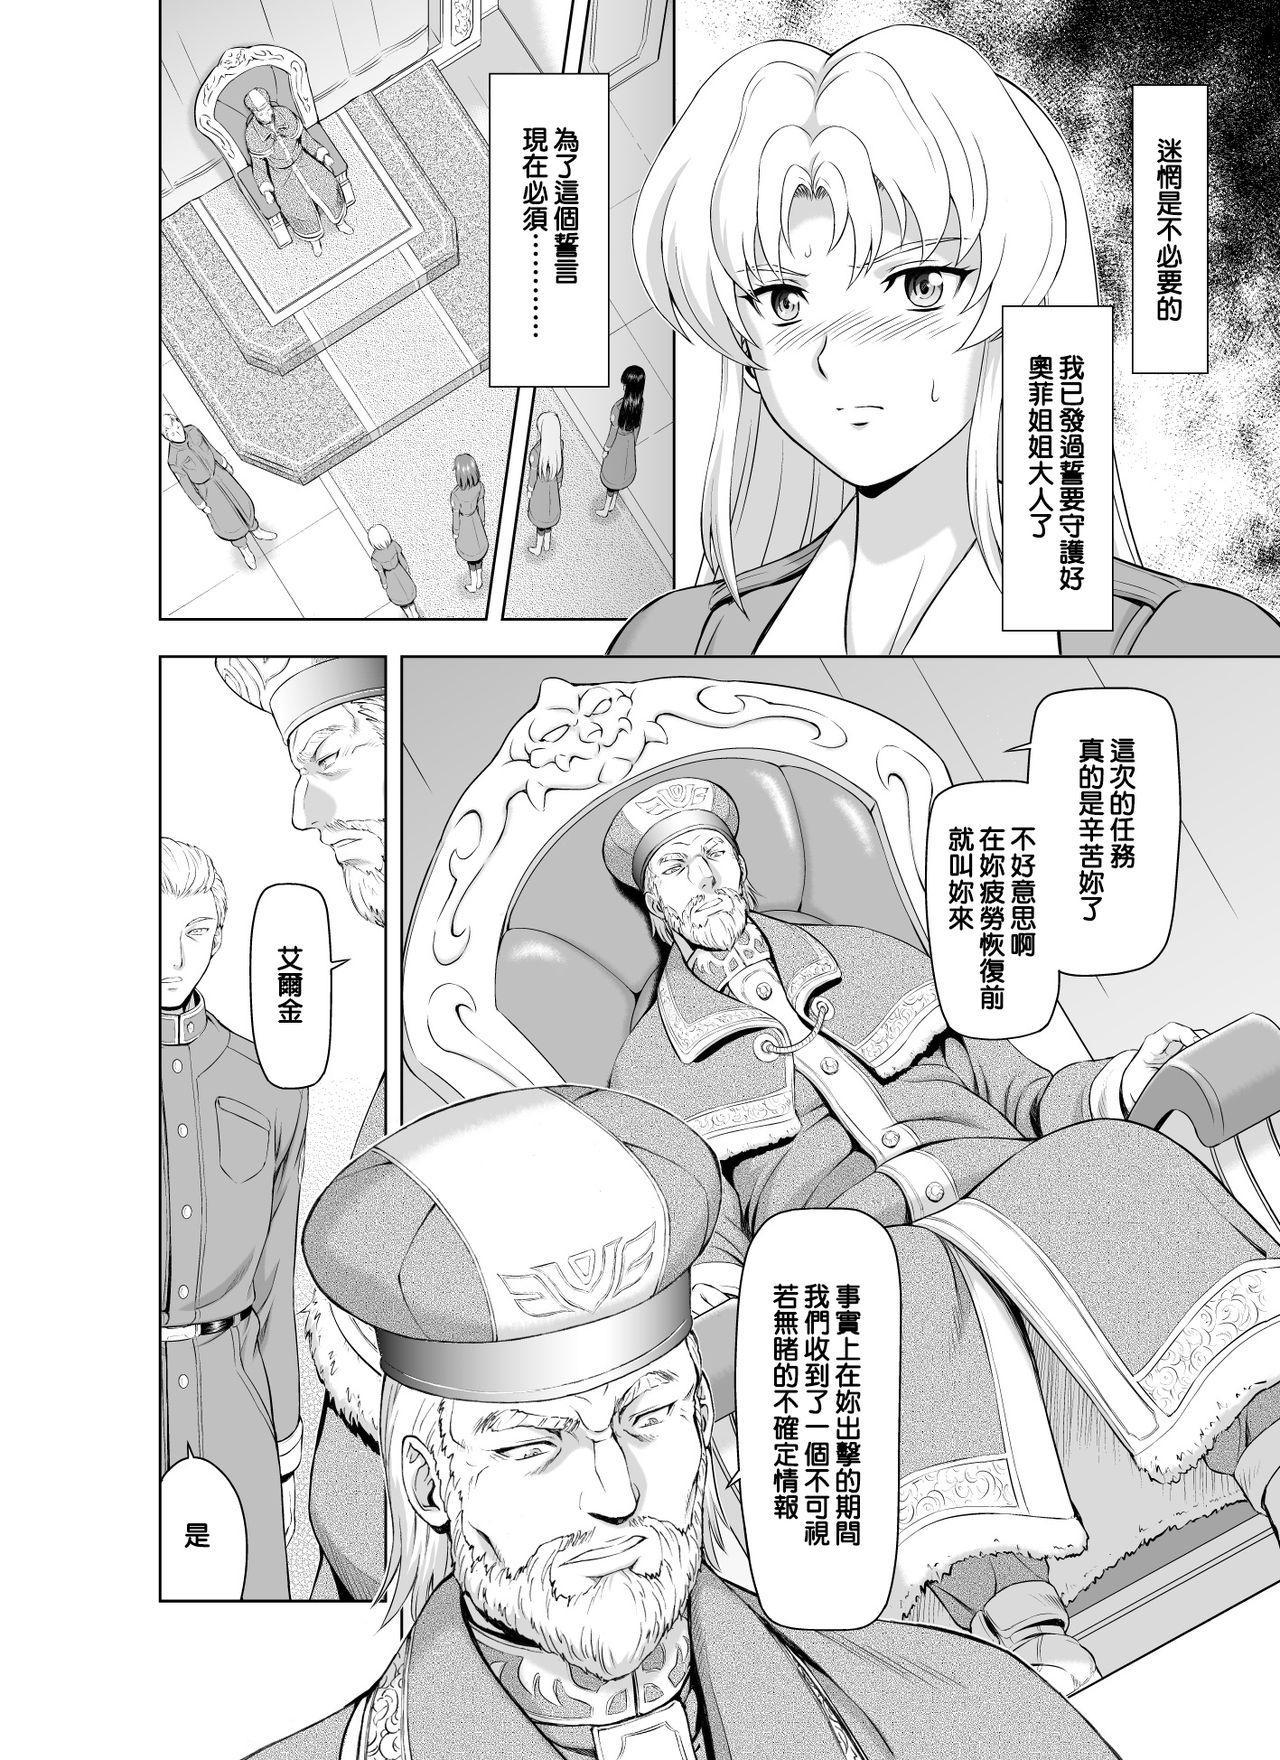 Reties no Michibiki Vol. 2 | 蕾蒂絲的引導 Vol. 2 8